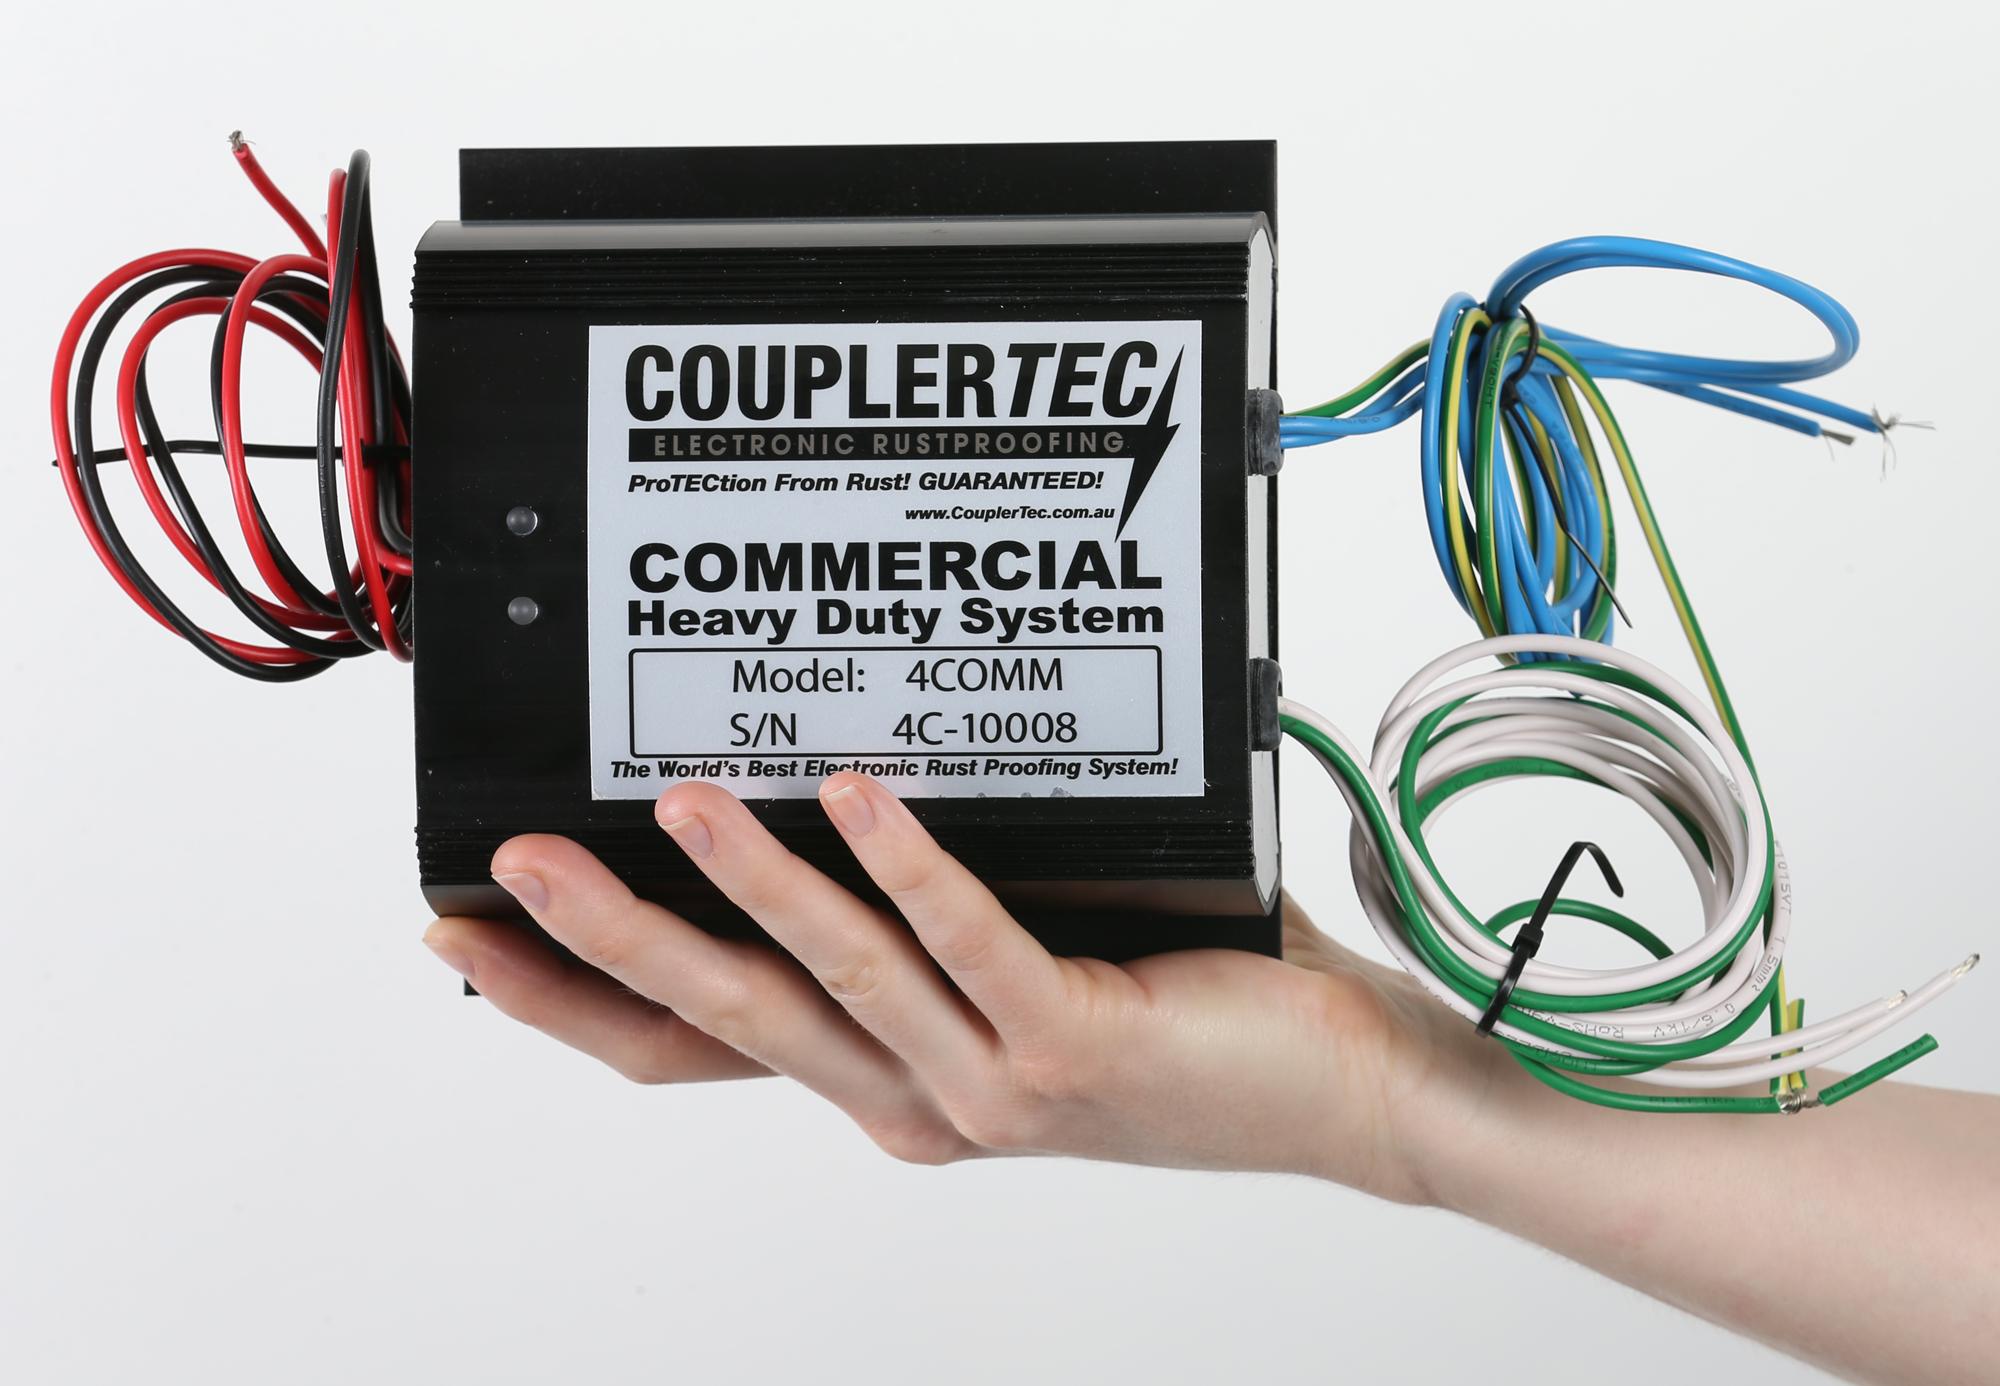 gospodarska vozila s sistemom CouplerTec so brez rje